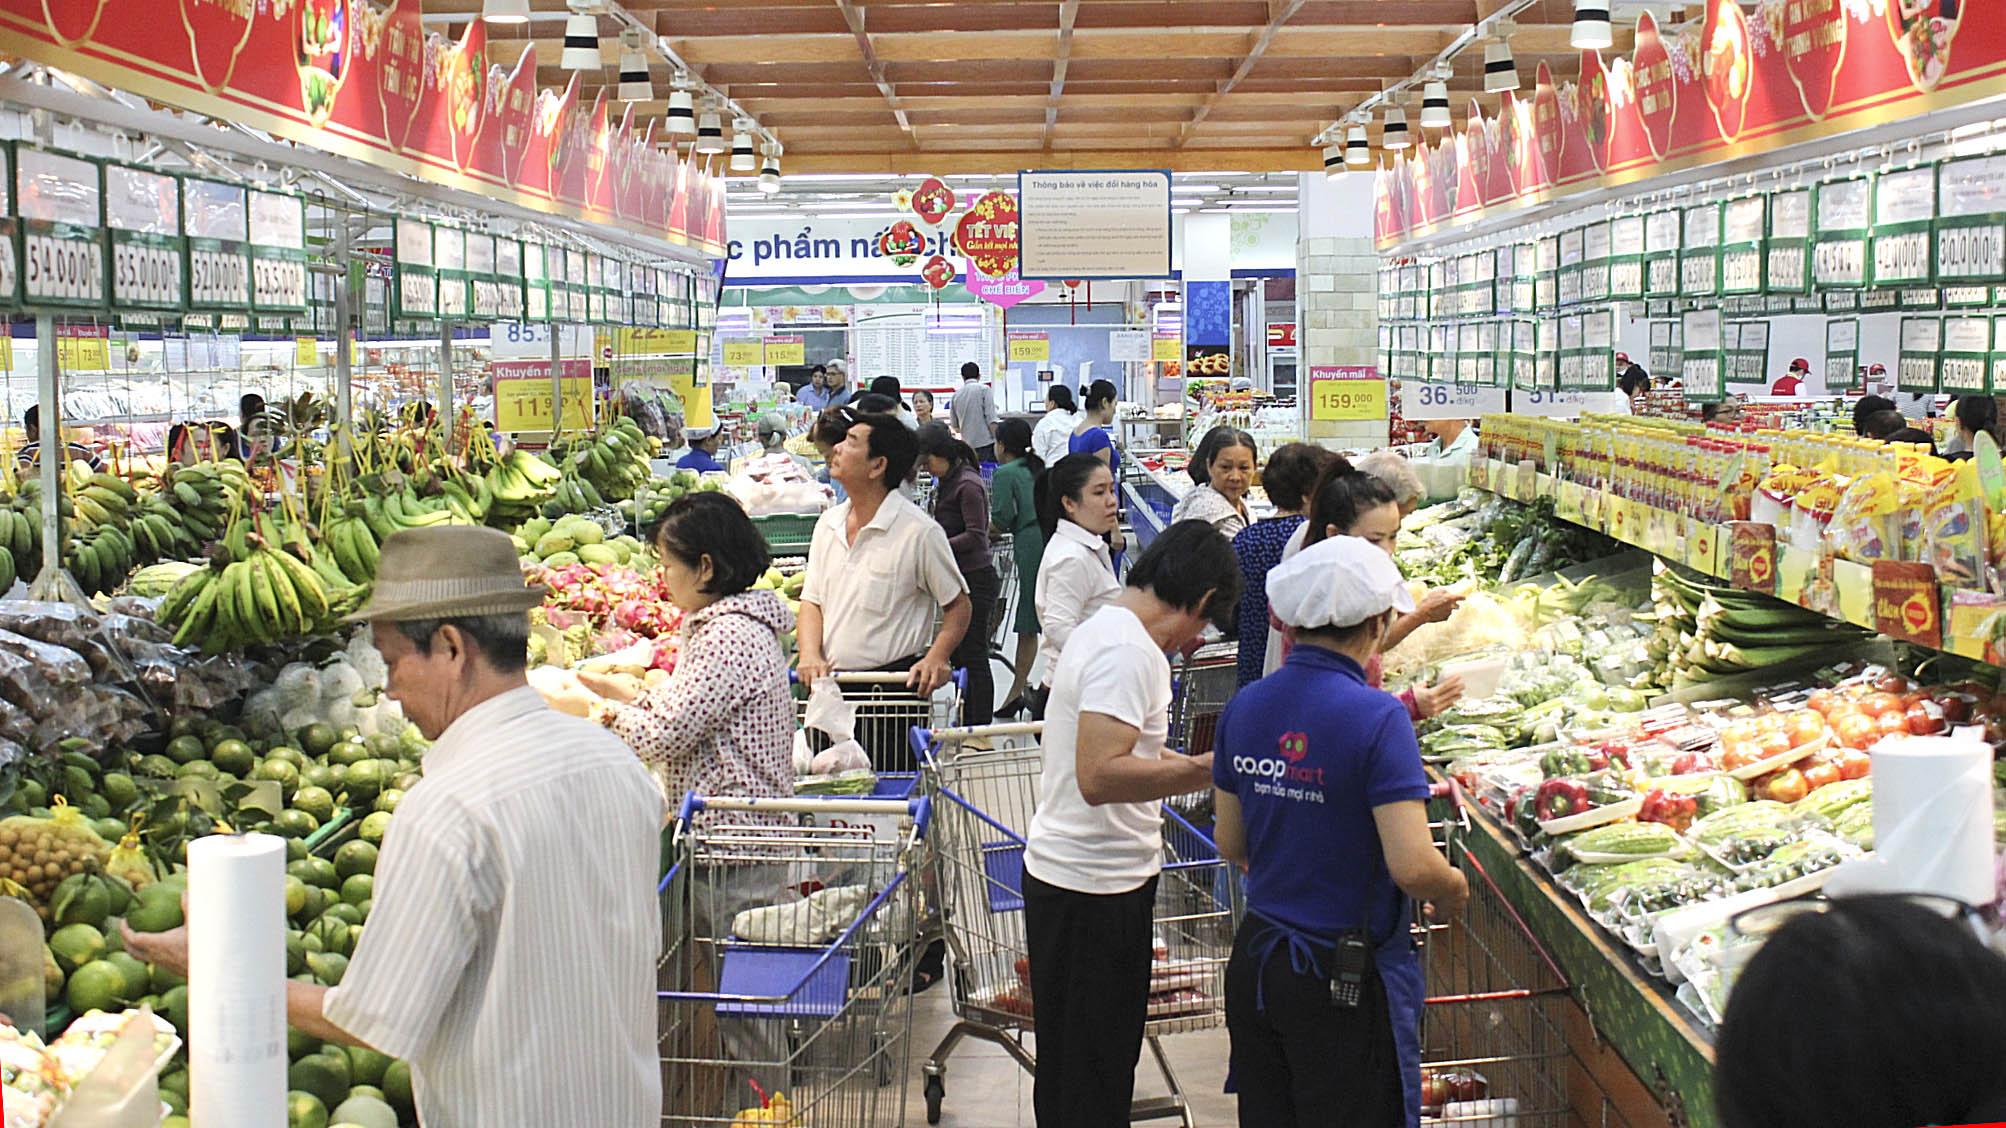 Les détaillants vietnamiens progressent mais devraient mieux faire